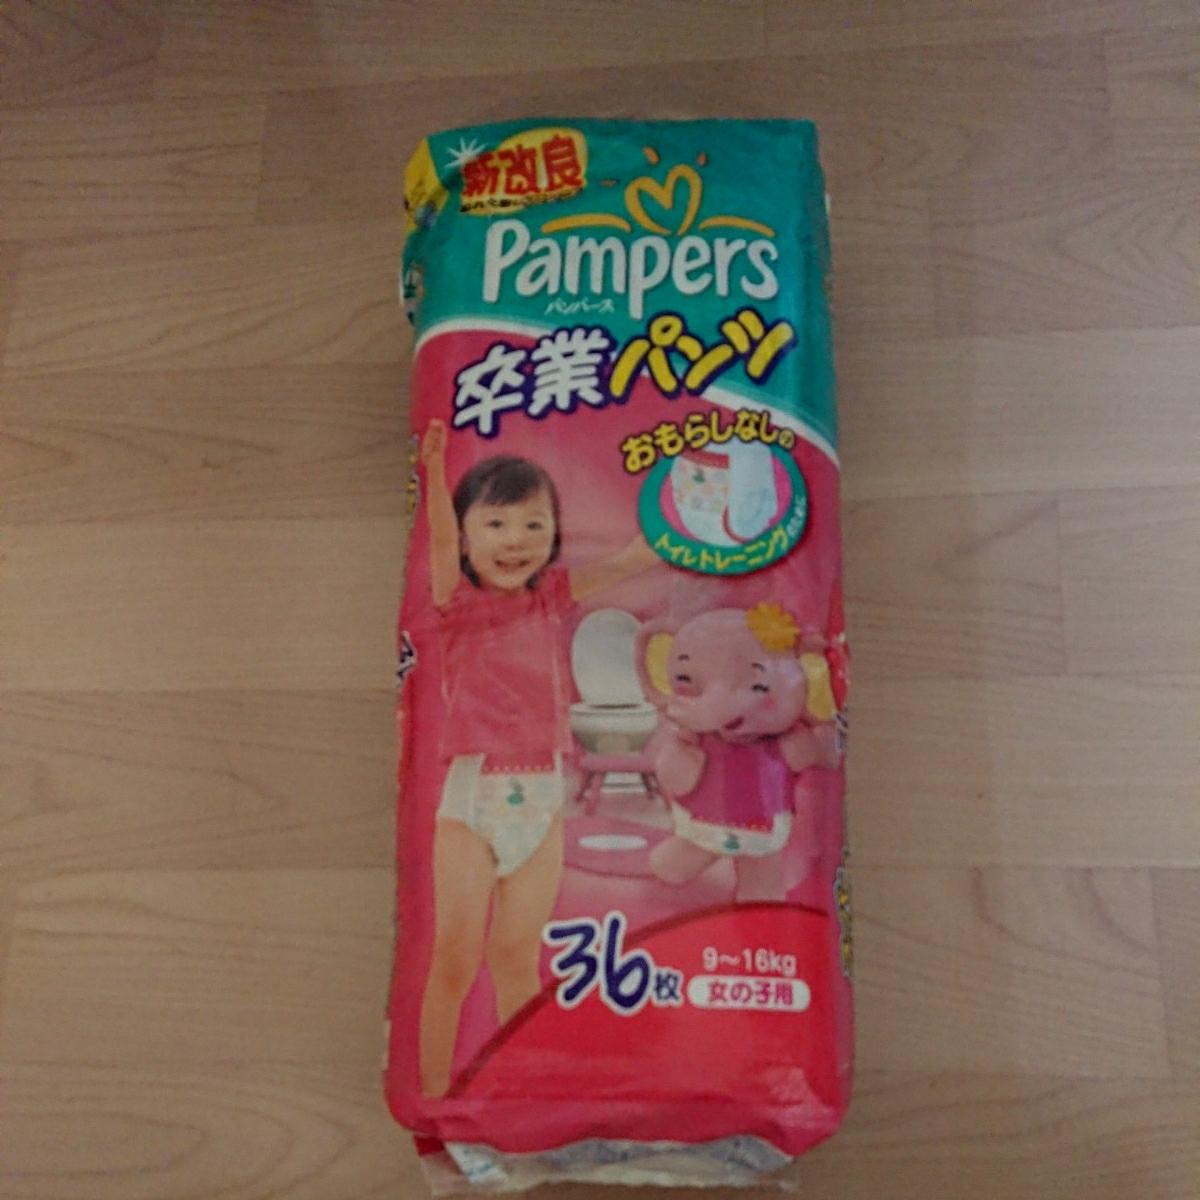 パンパース 卒業パンツ 9-16kg